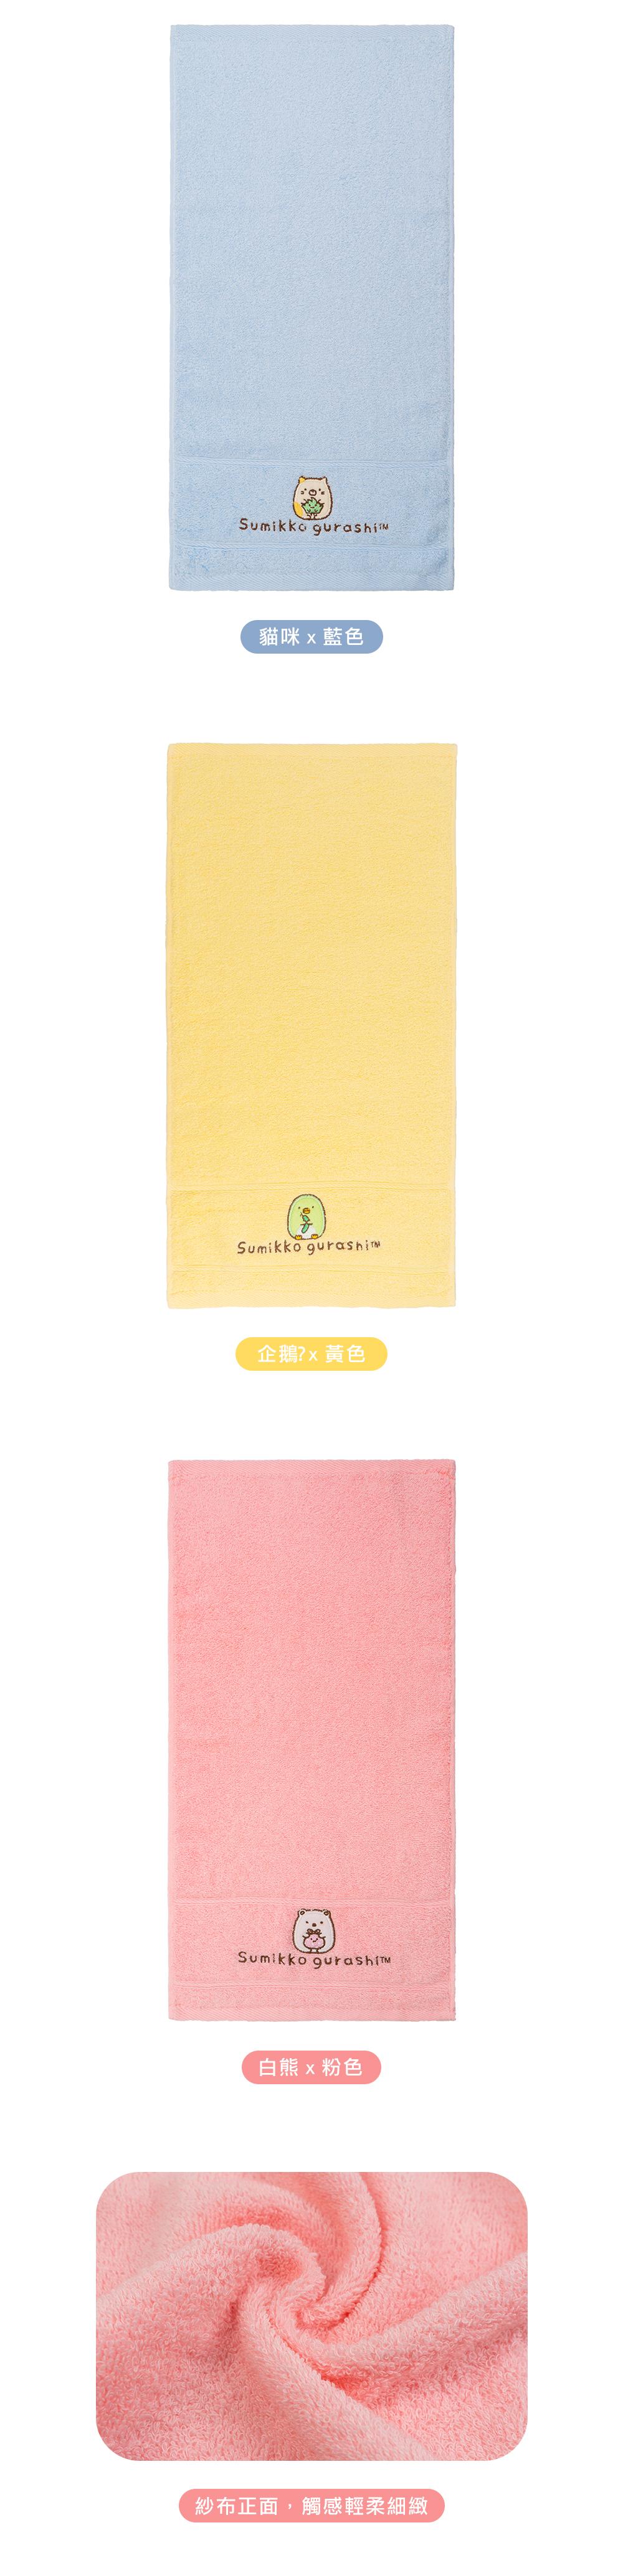 角落生物鬆撚繡花童巾【SG0100200512】、毛巾